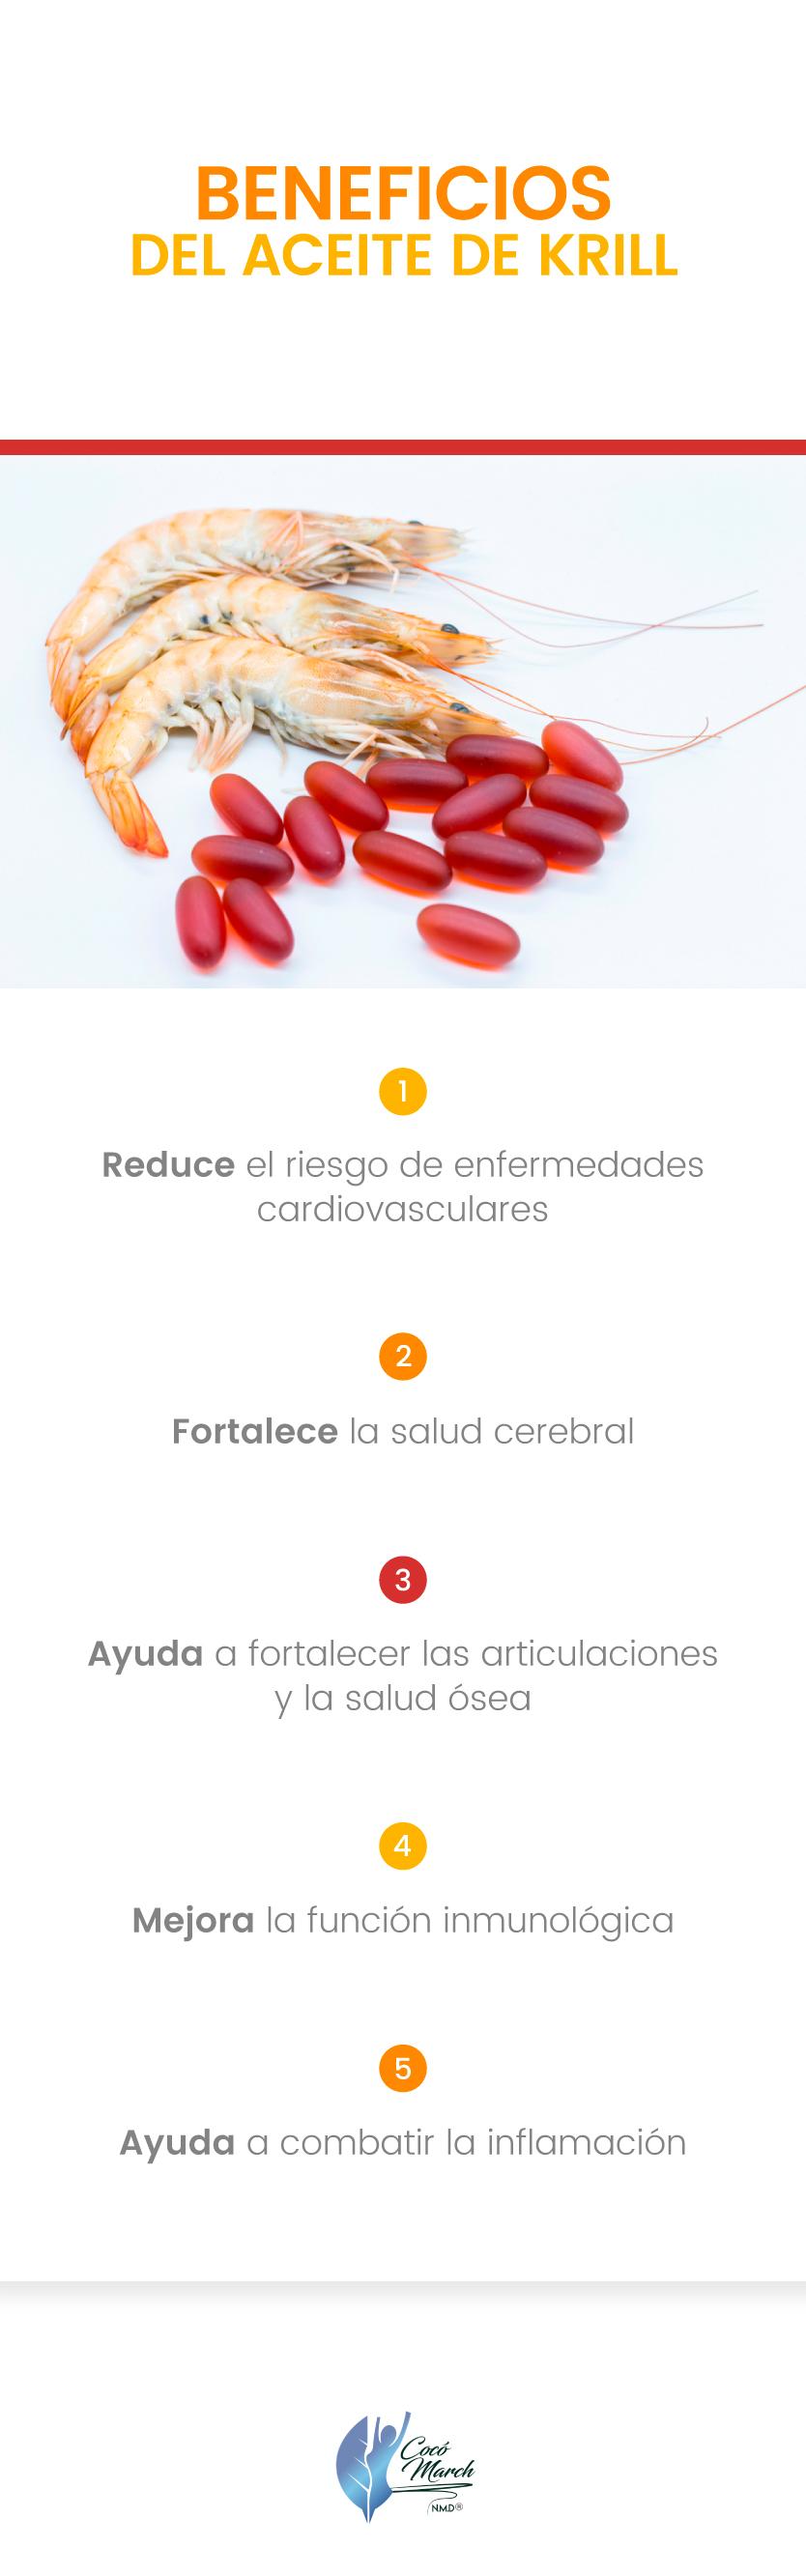 aceite-de-krill-beneficios